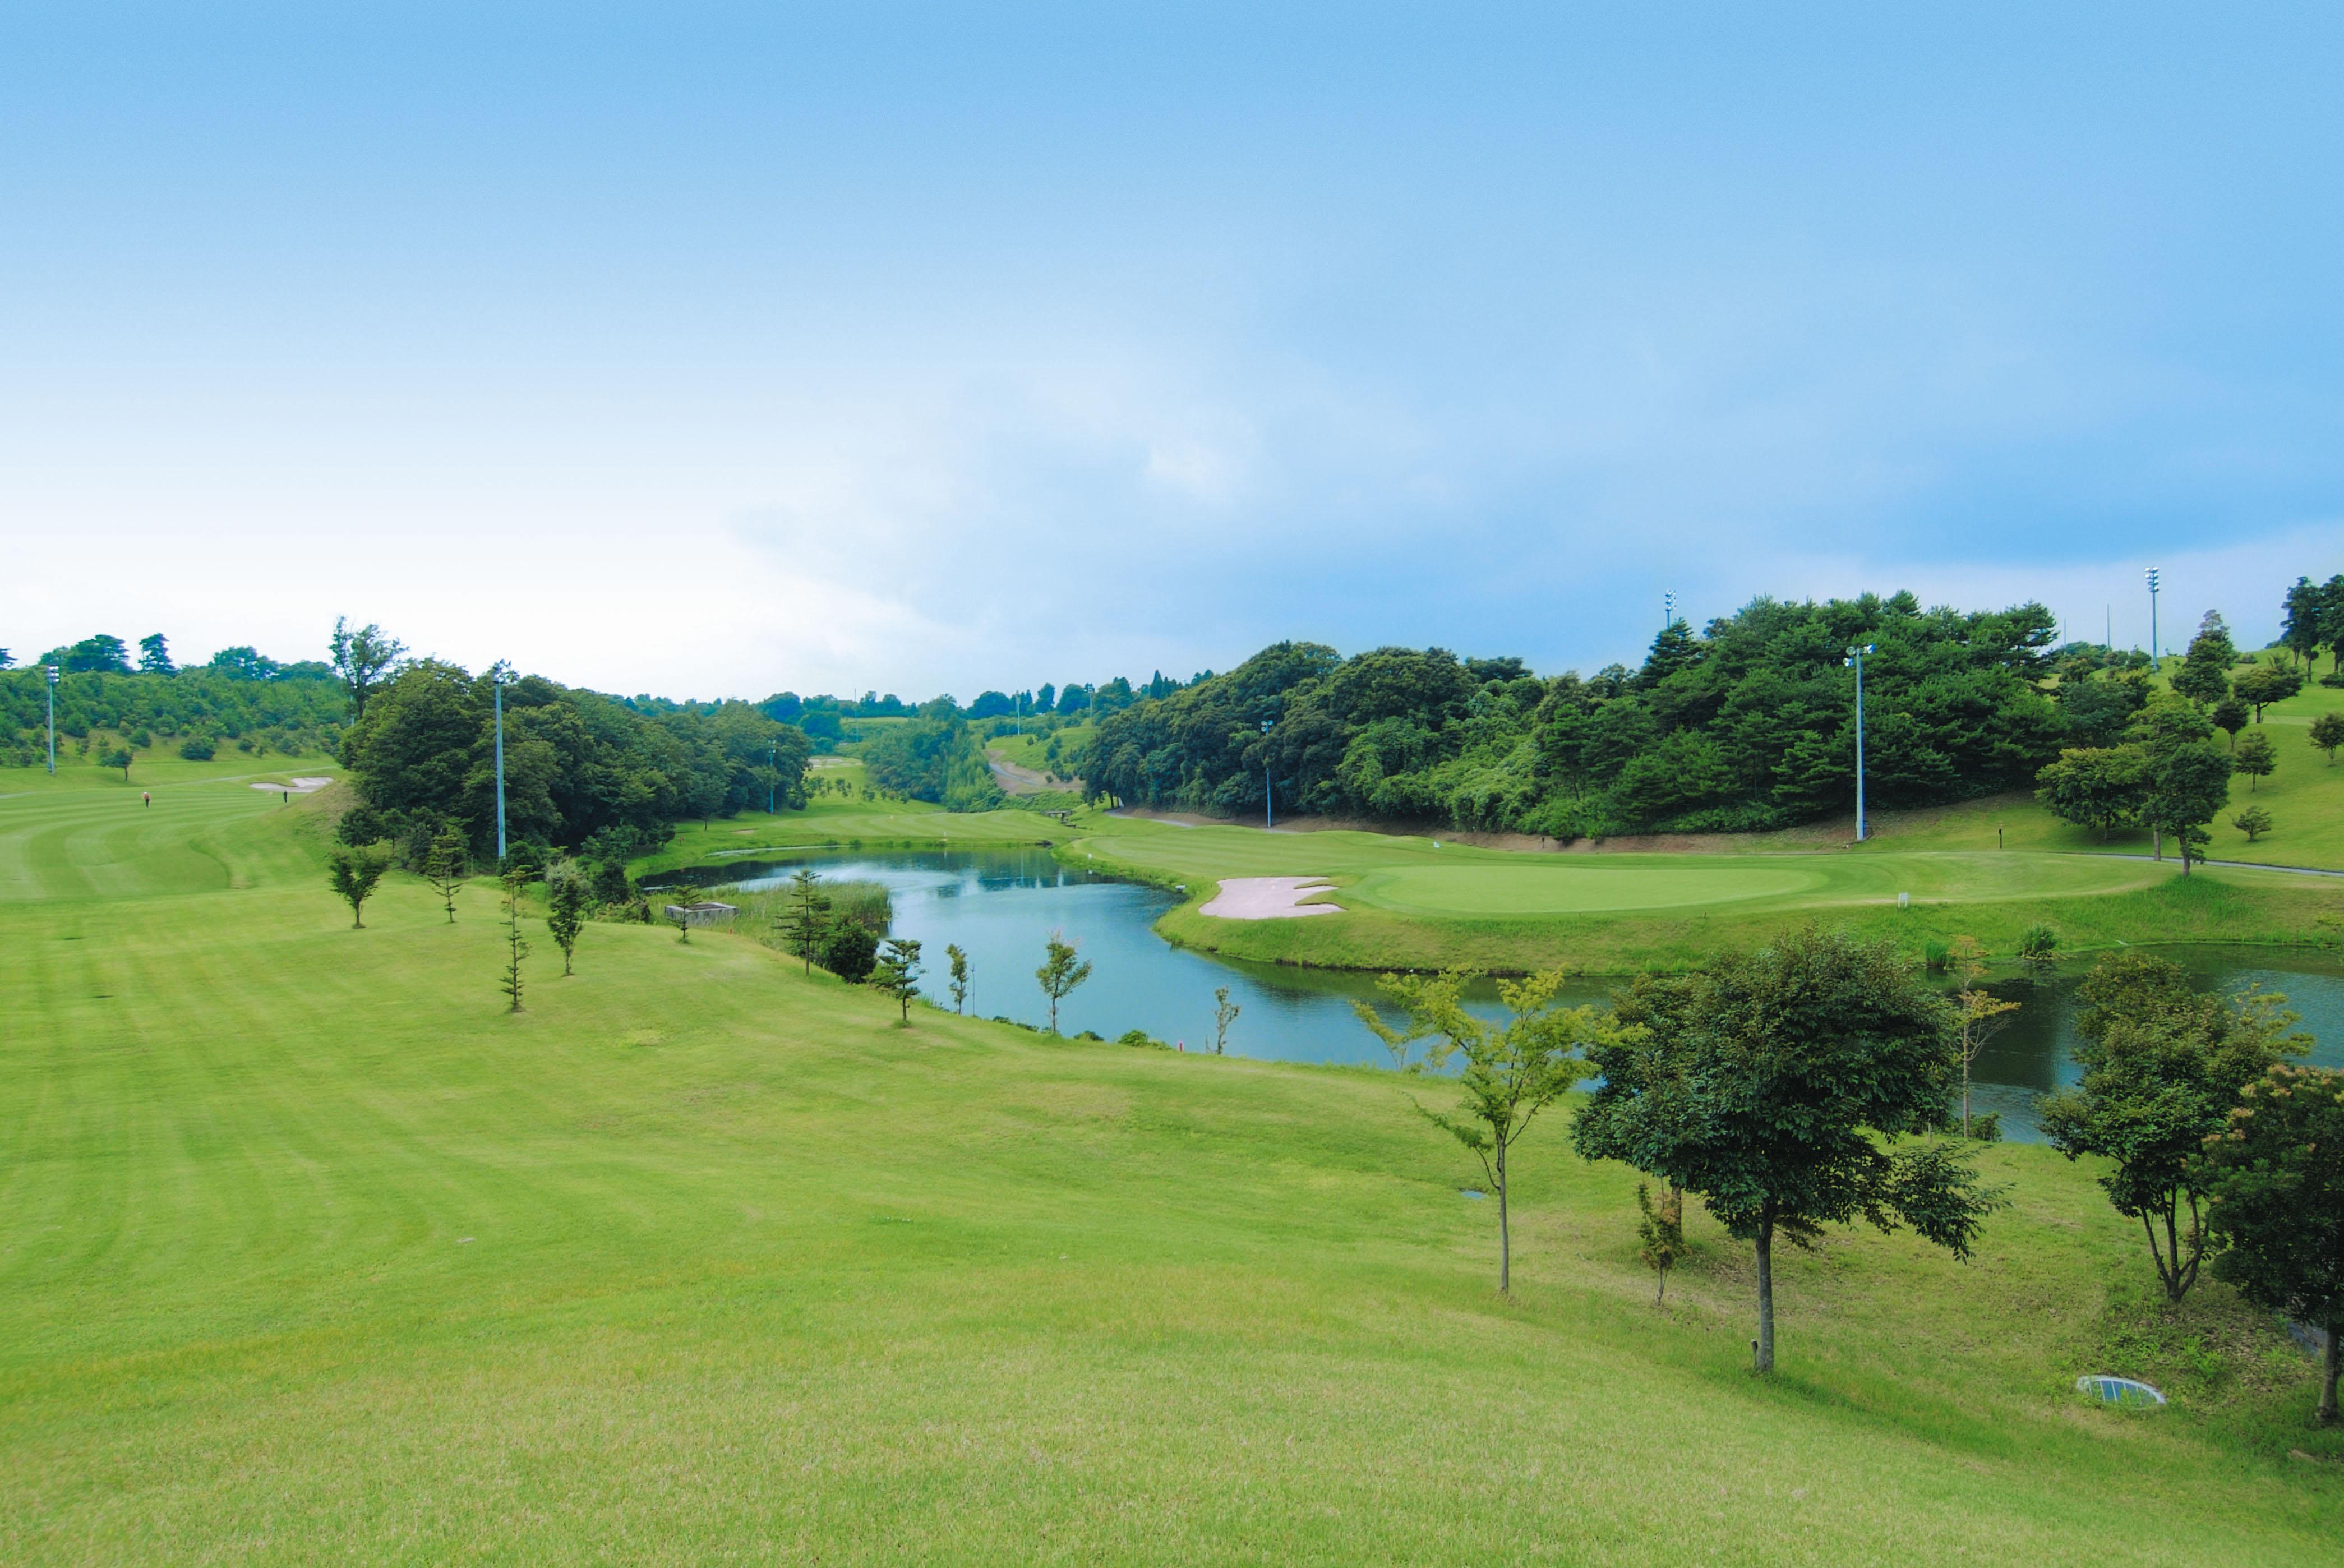 千葉県・ムーンレイクゴルフクラブ 市原コース(セントレジャー市原)